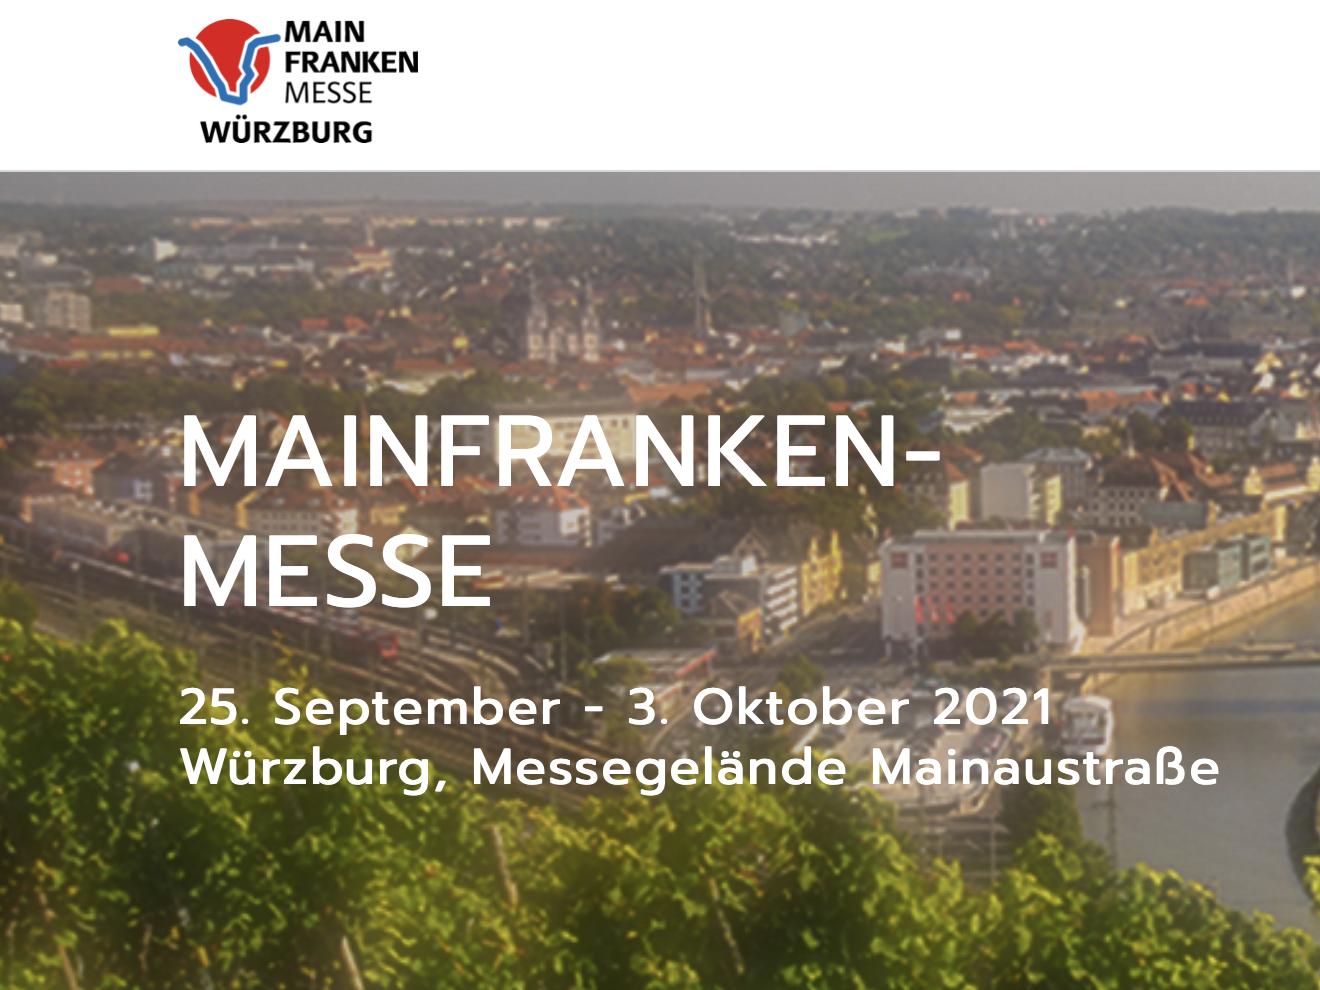 Teilnahme bei der Würzburger Mainfrankenmesse 2021